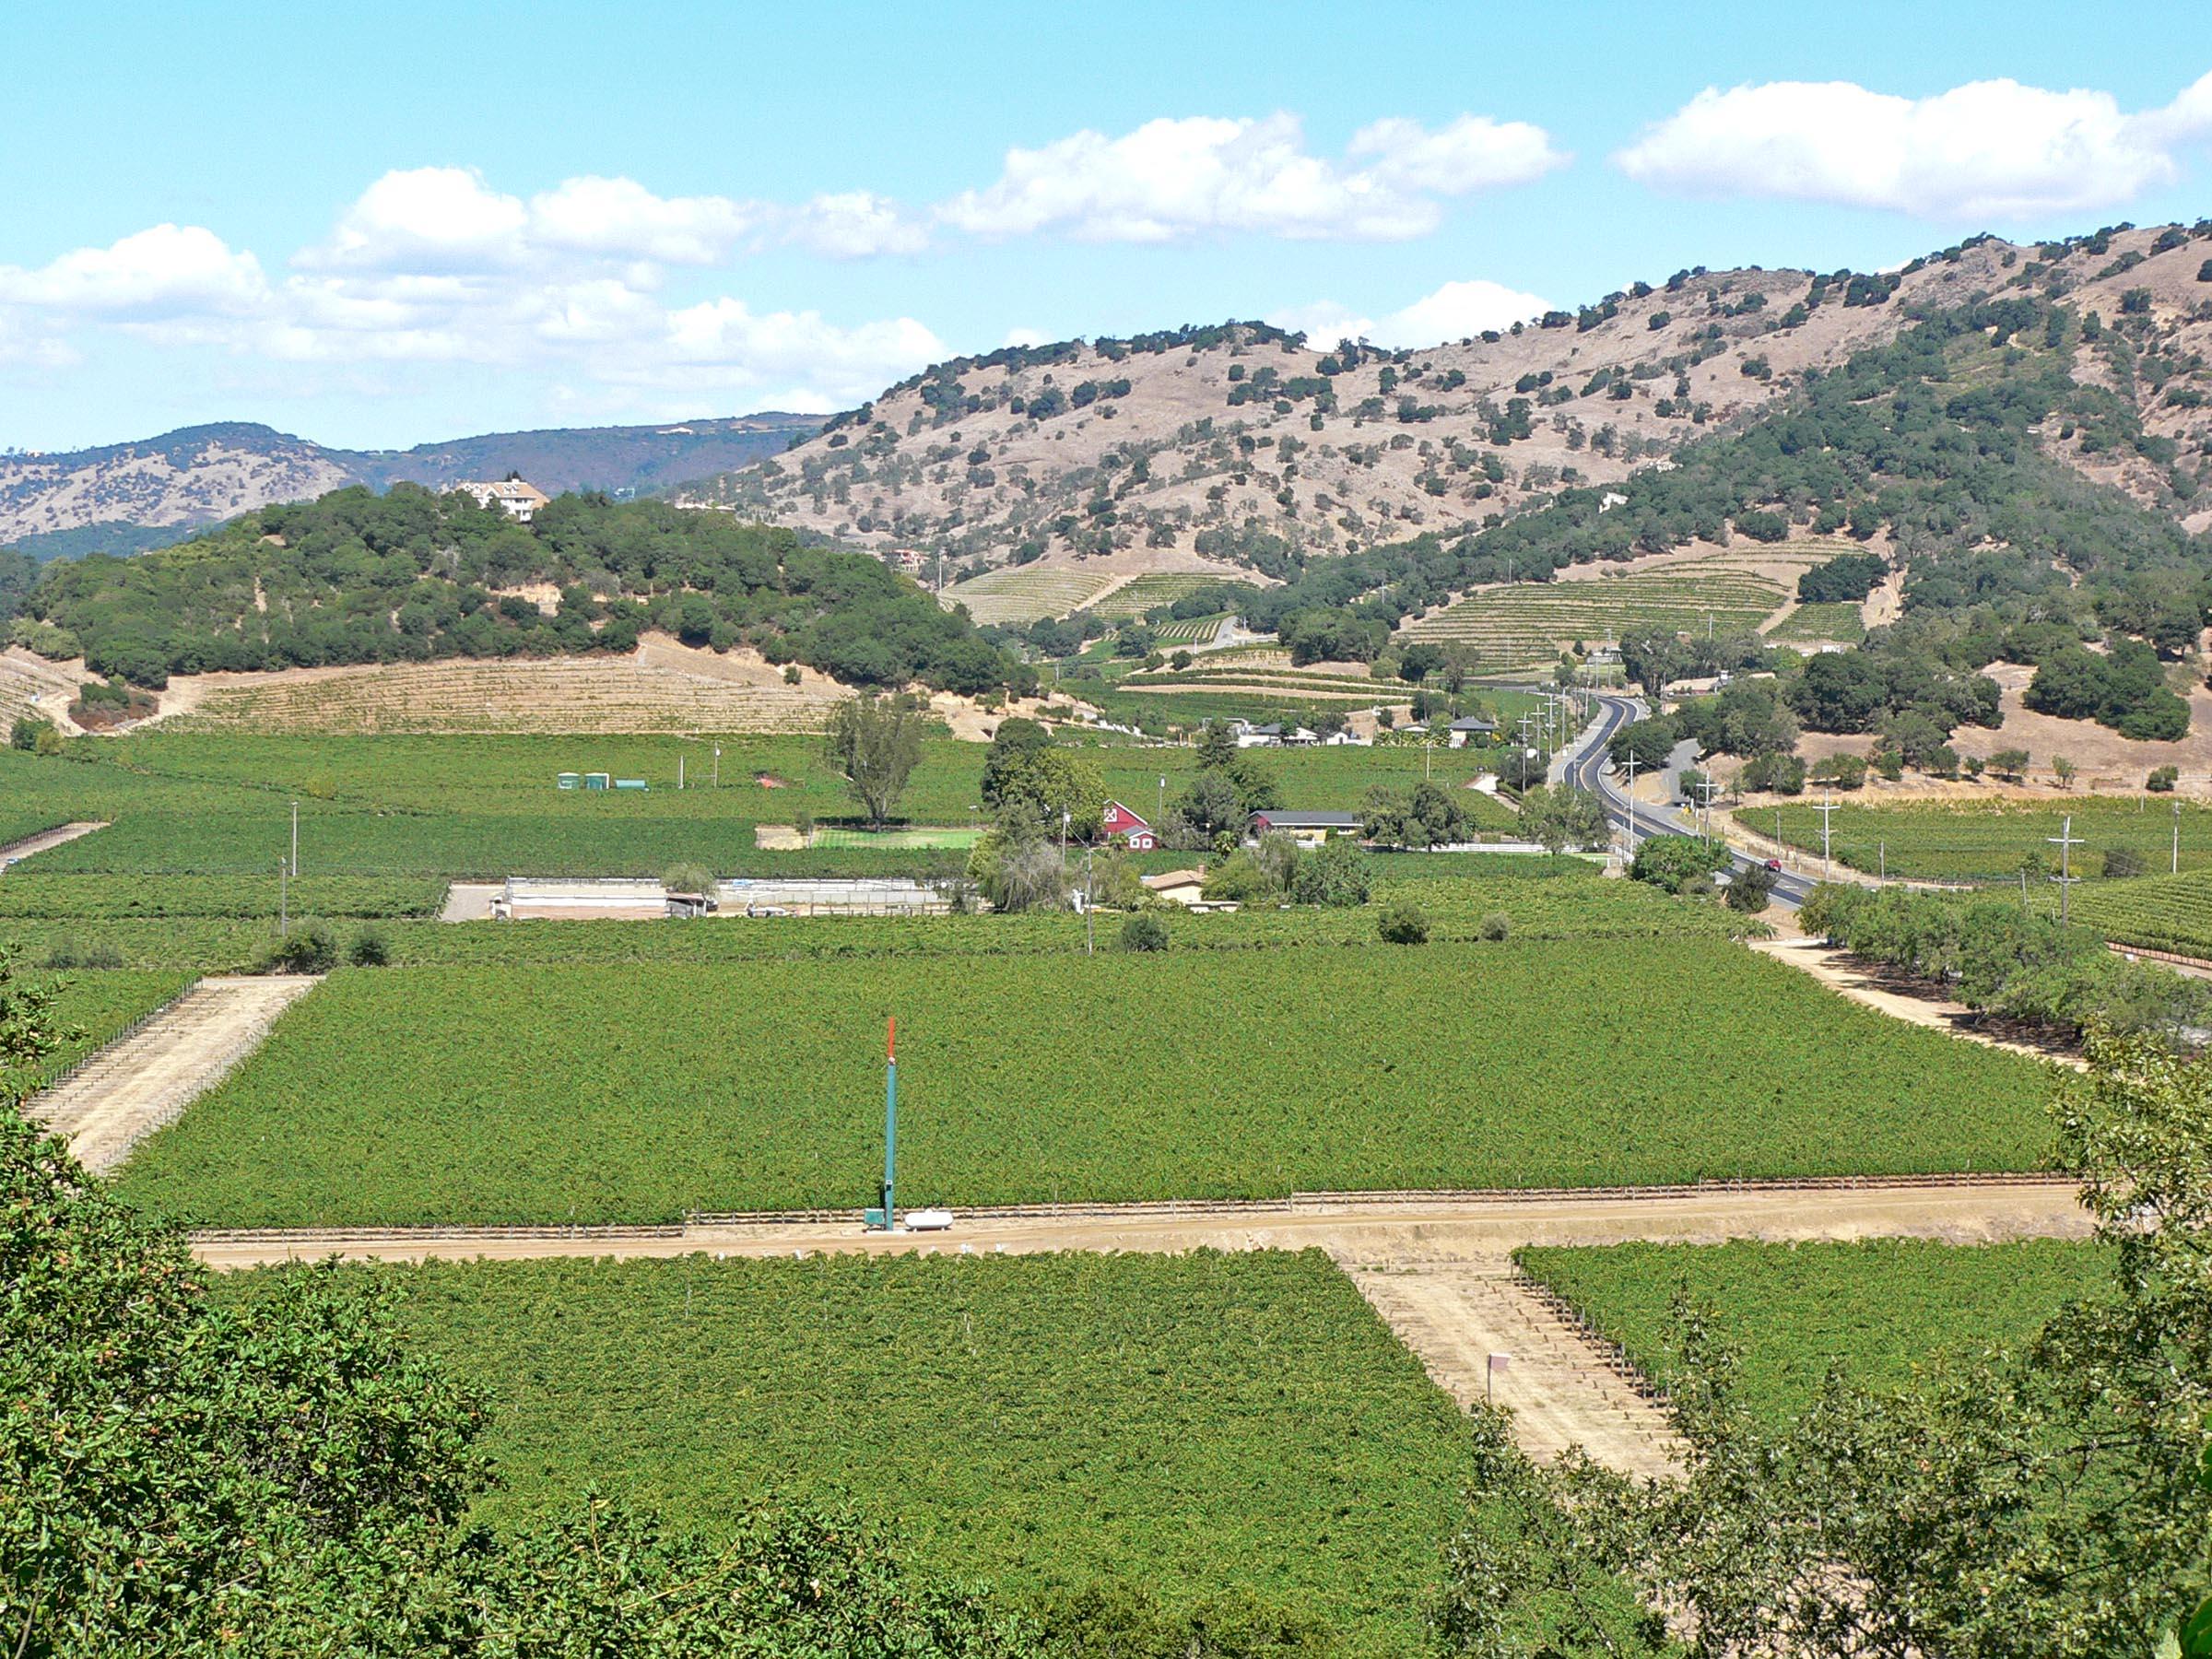 Napa_Valley_Silverado_Trail